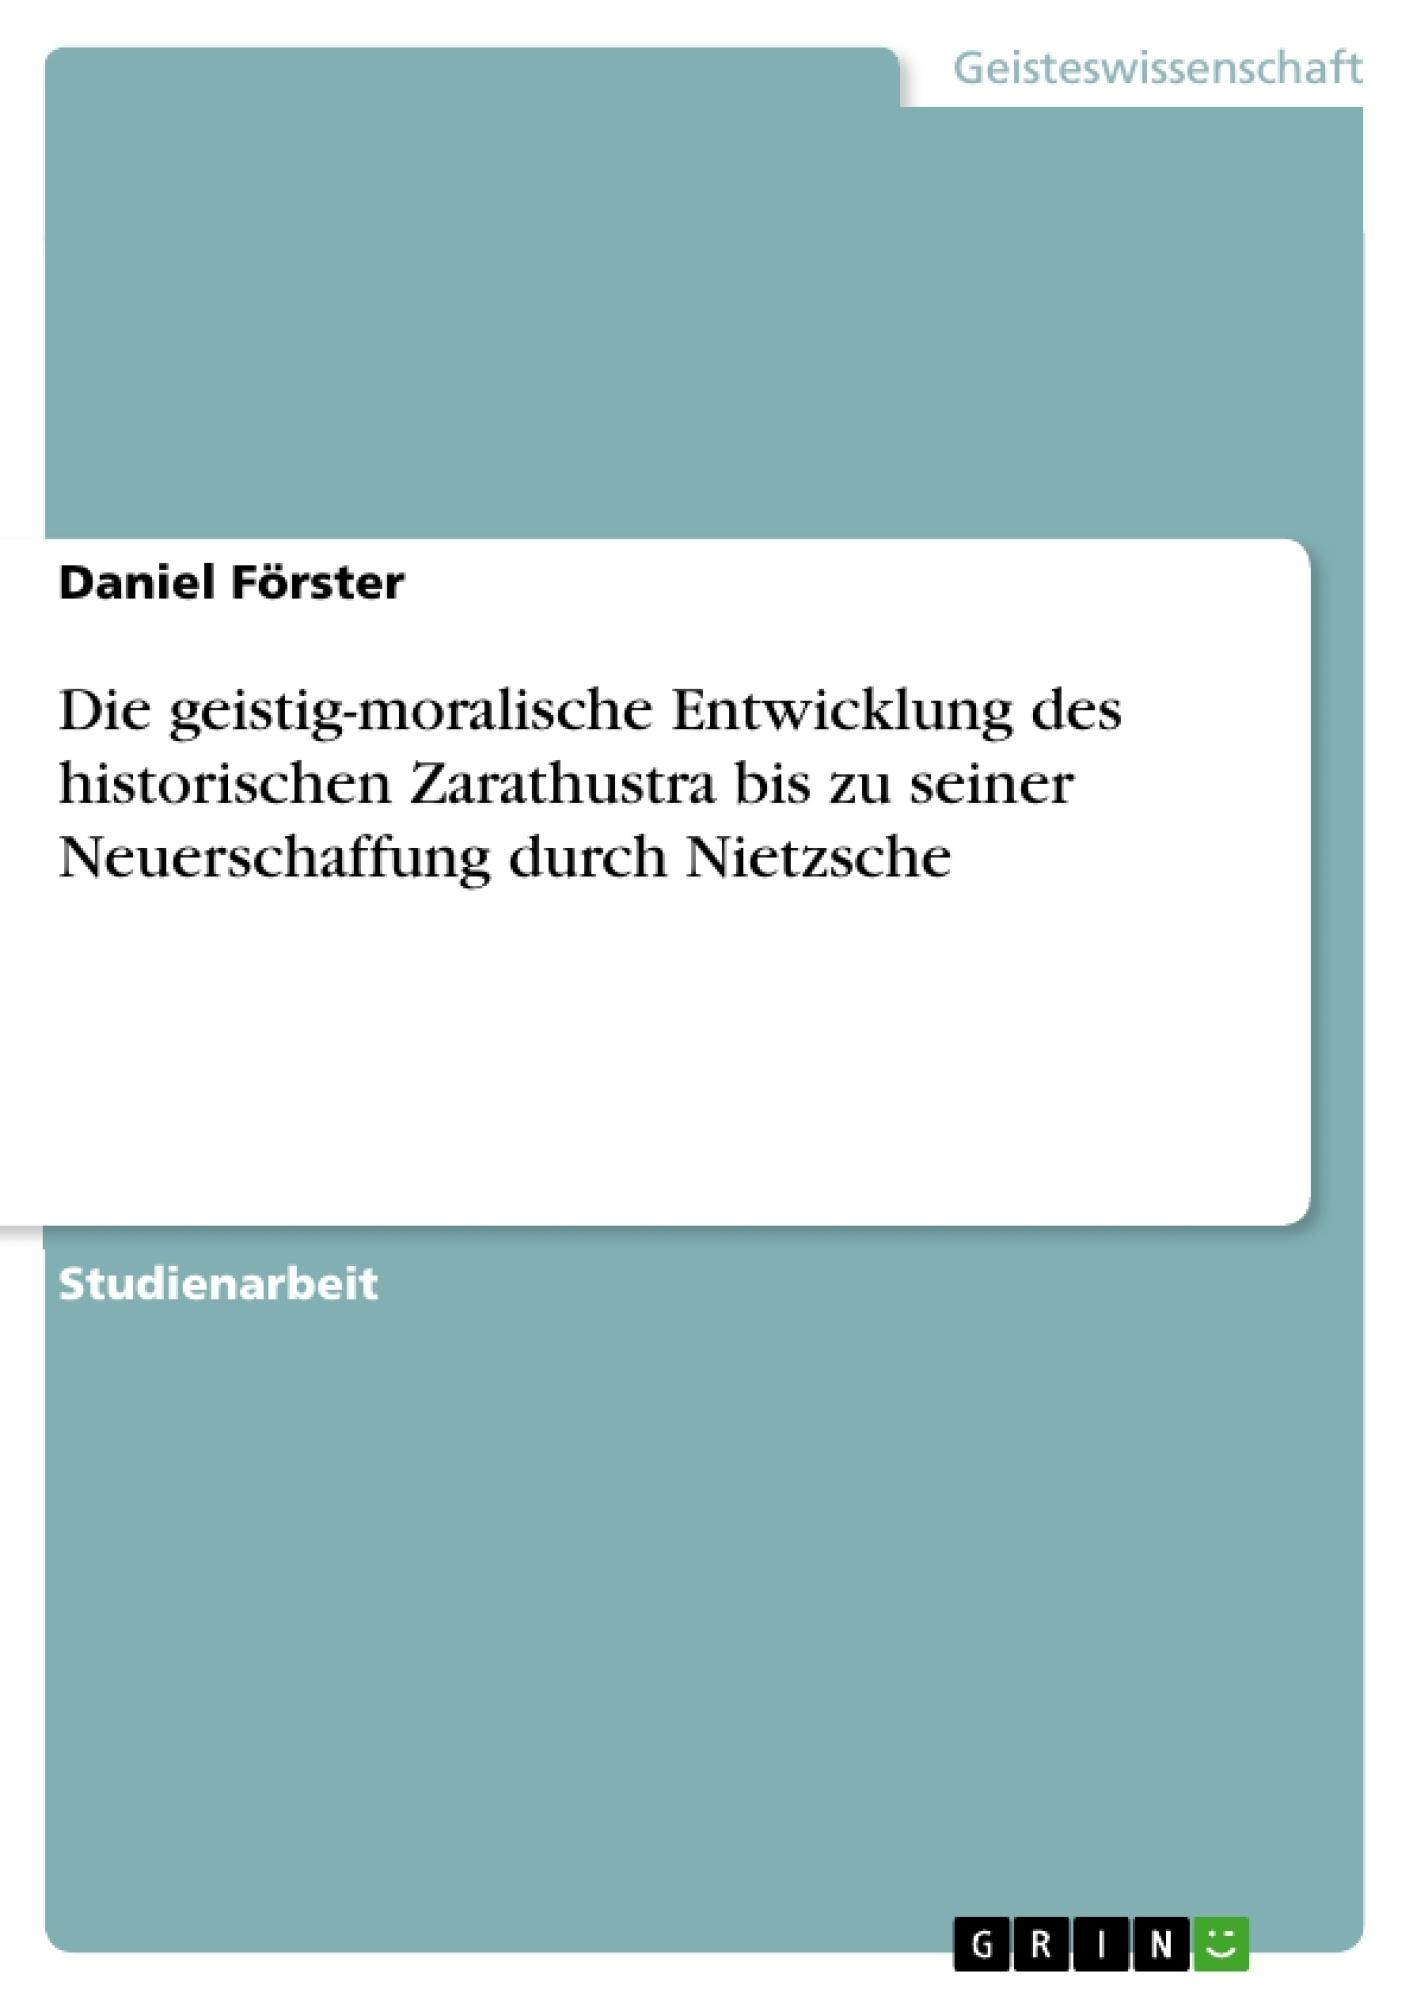 Titel: Die geistig-moralische Entwicklung des historischen Zarathustra bis zu seiner Neuerschaffung durch Nietzsche